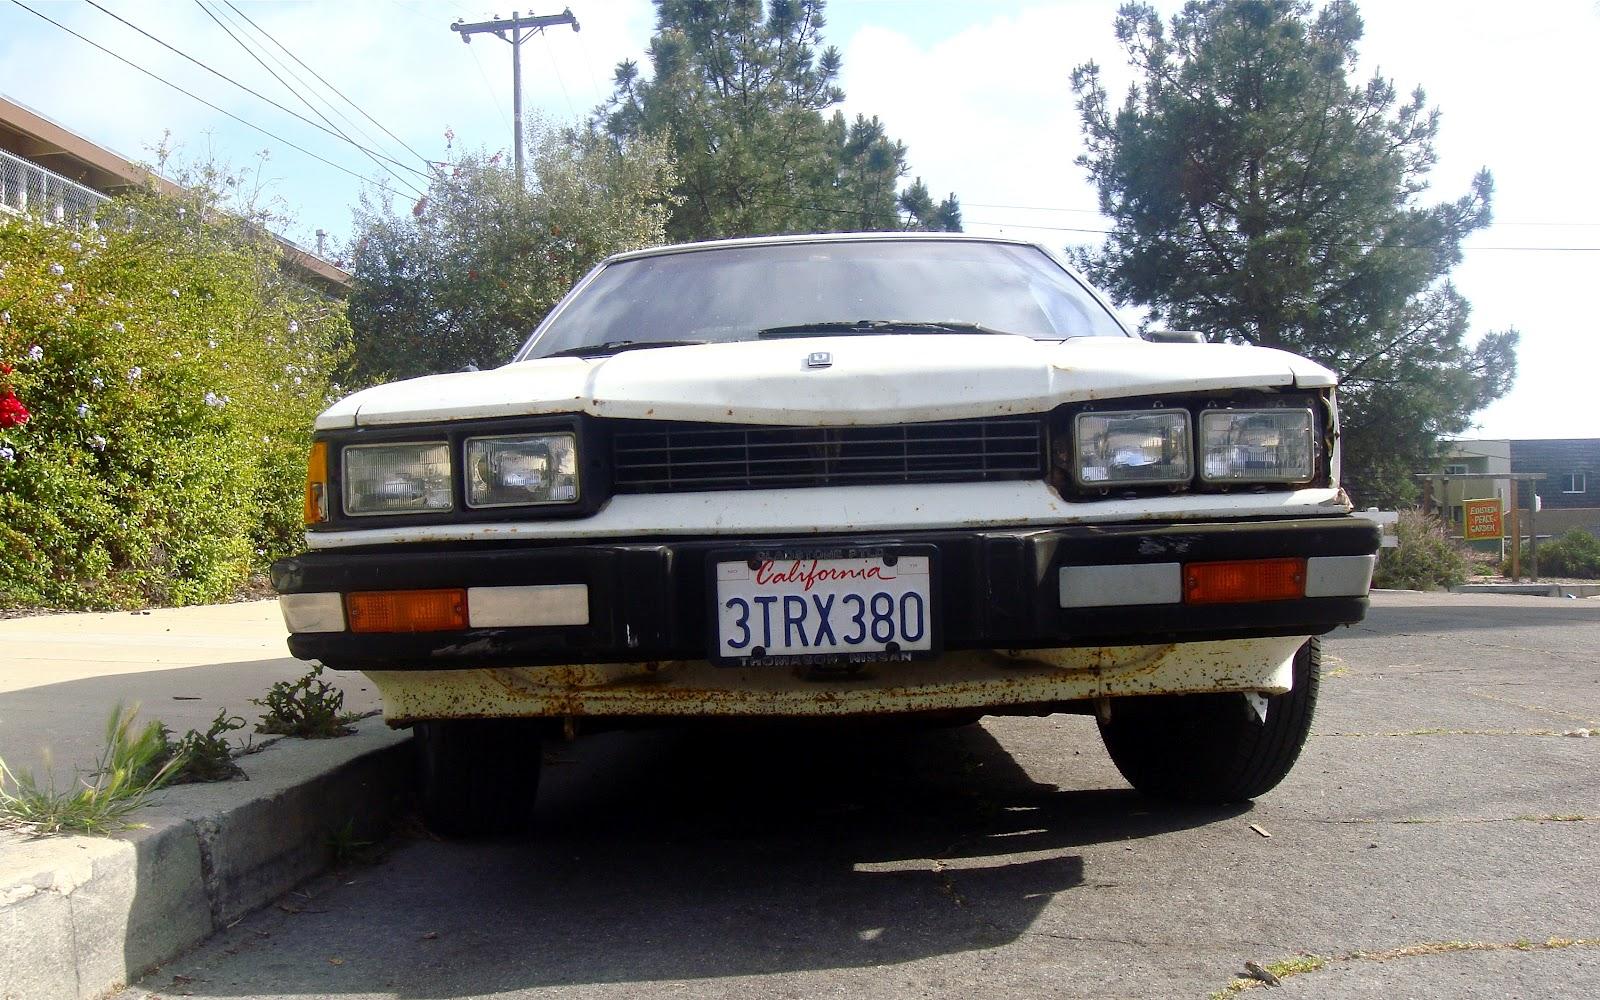 1981 nissan 200sx hatchback